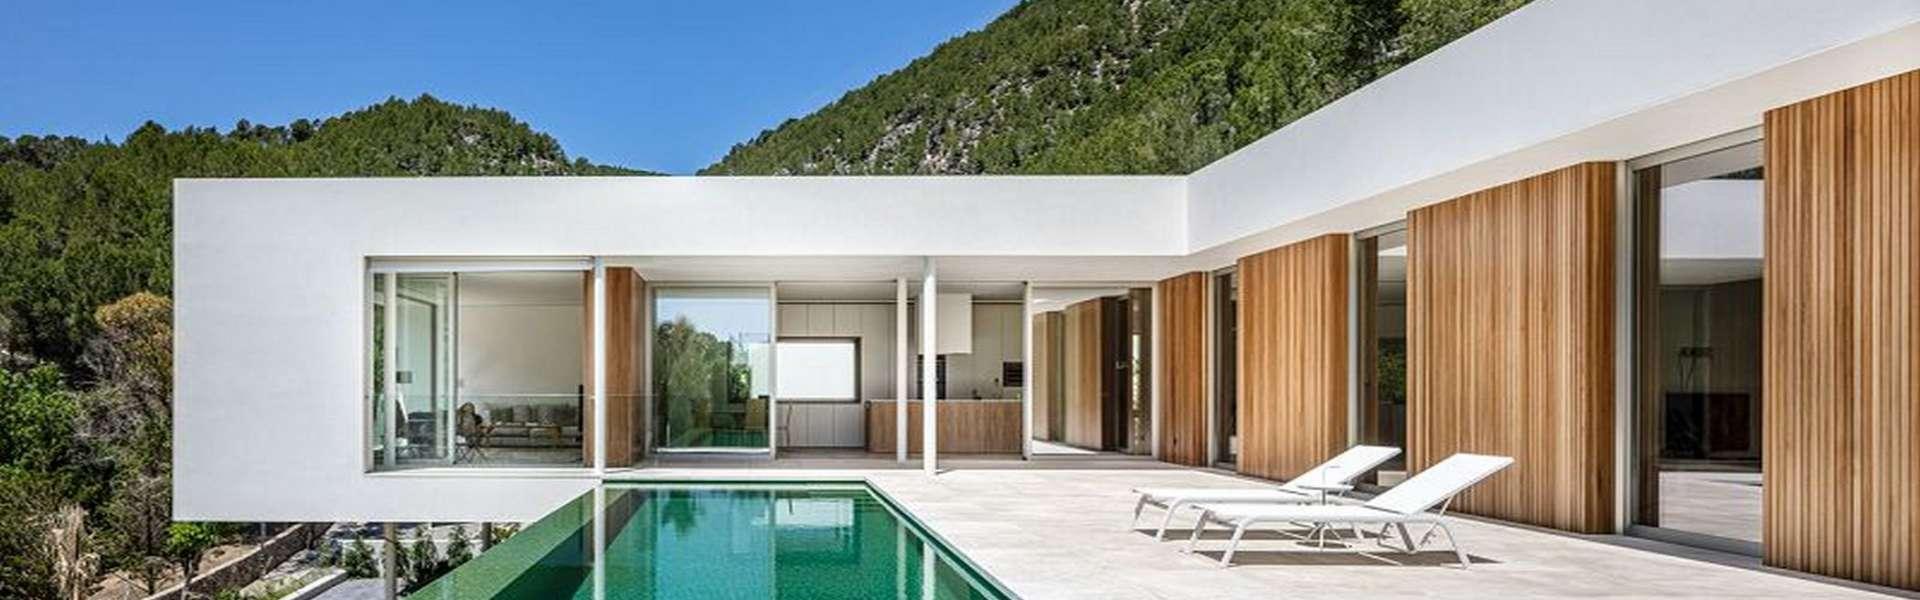 Palma/Son Vida - Luxury Villa with fantastic views